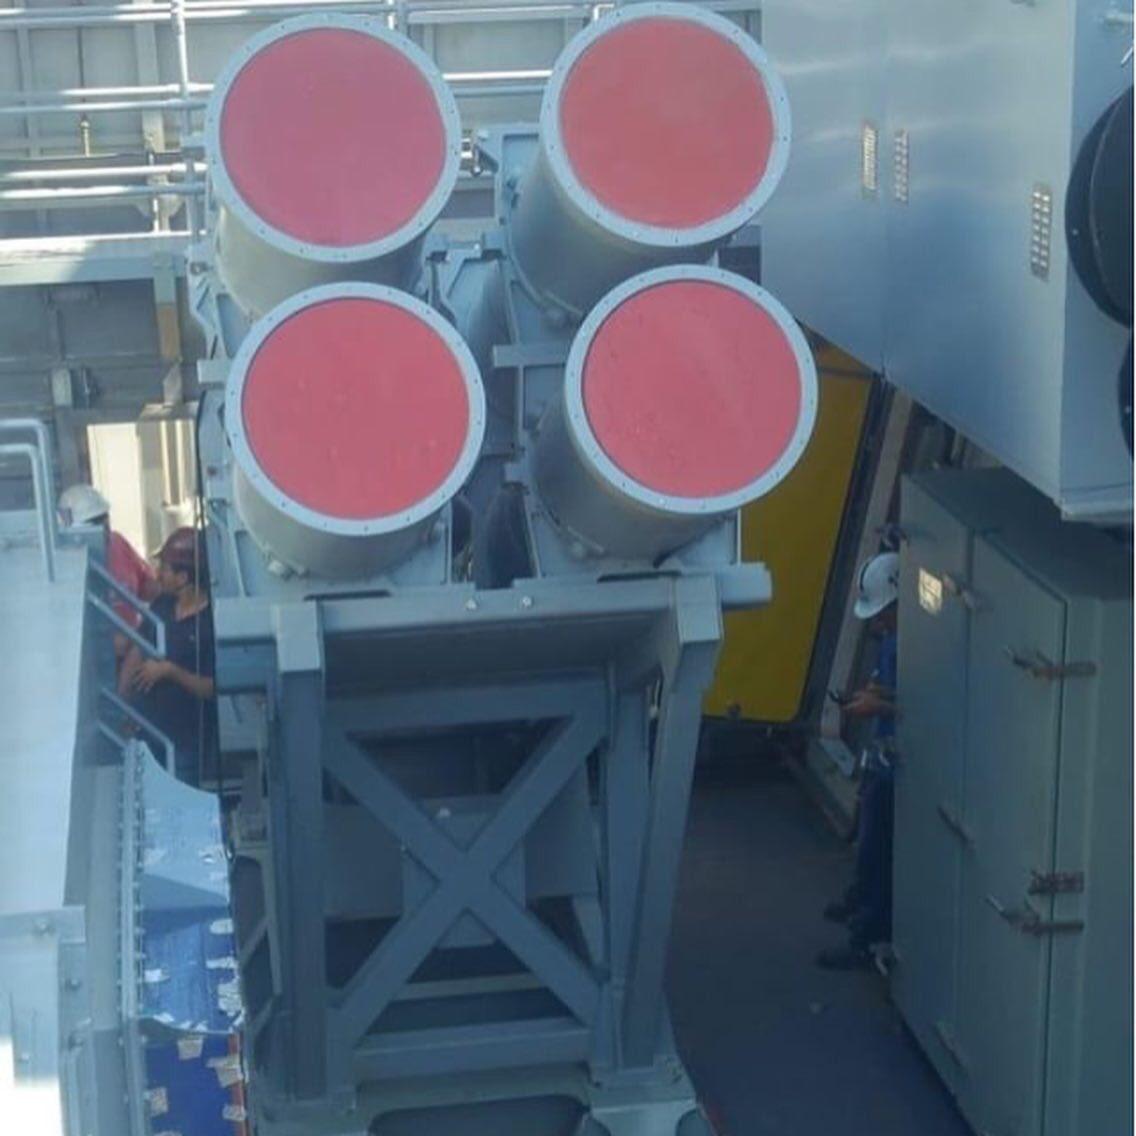 Первый турецкий корабль получает противокорабельные ракеты Atmaca